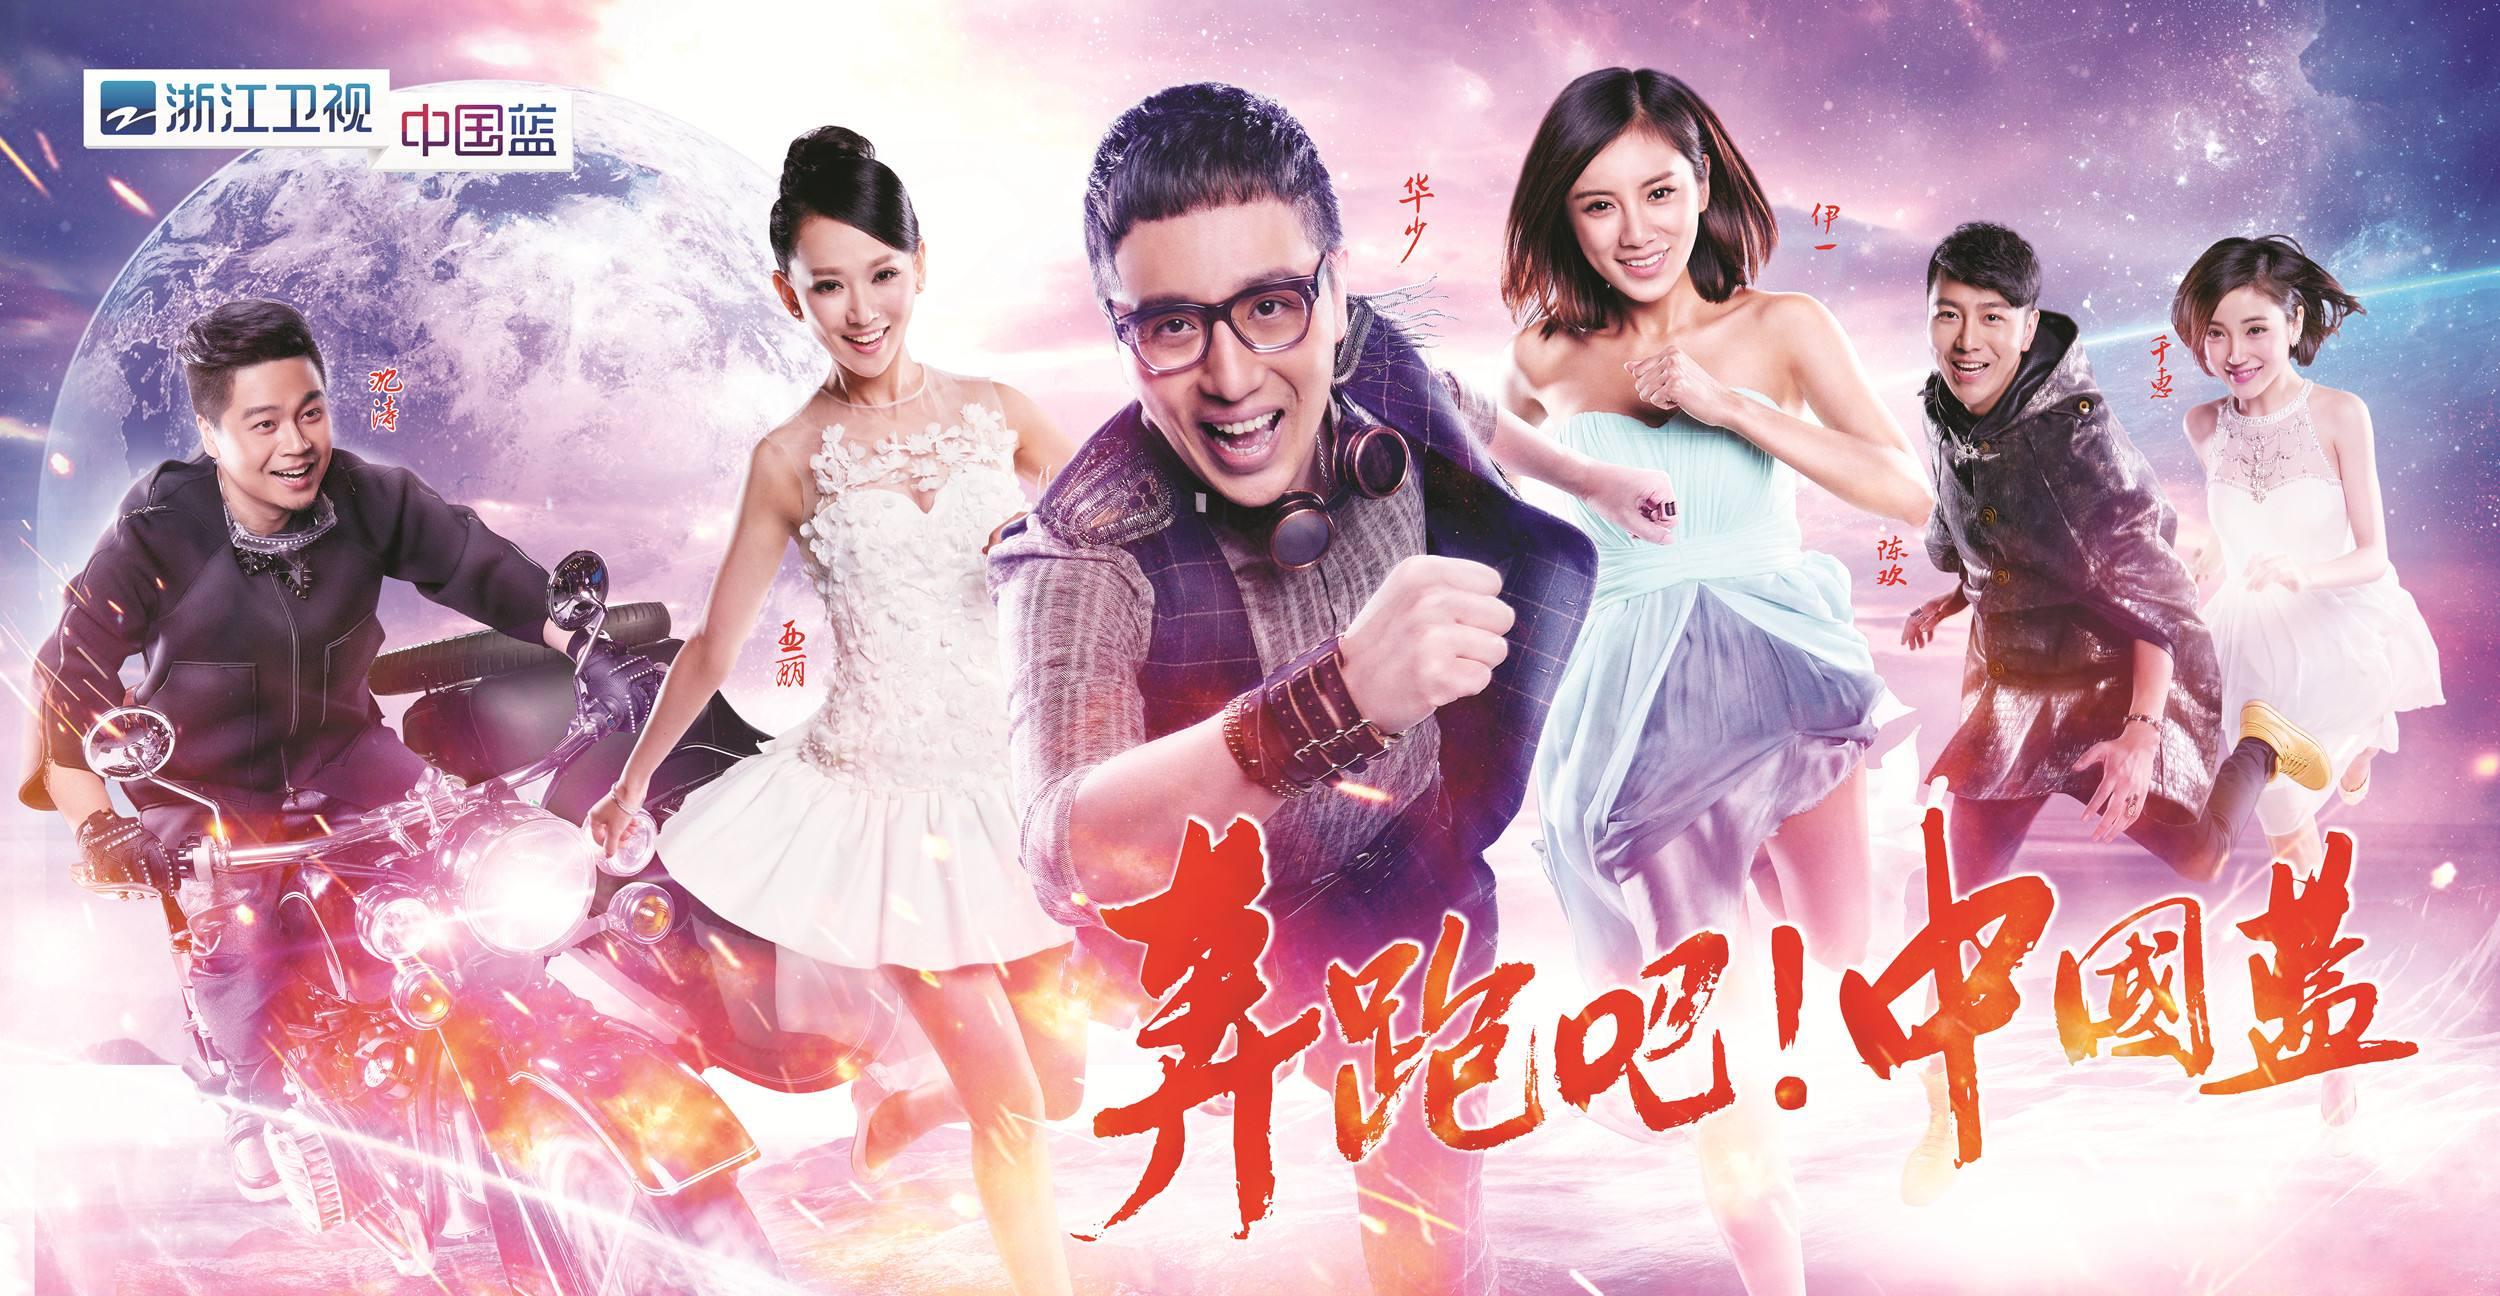 2017年11月15日电视台收视率排行榜:浙江卫视收视排名第三